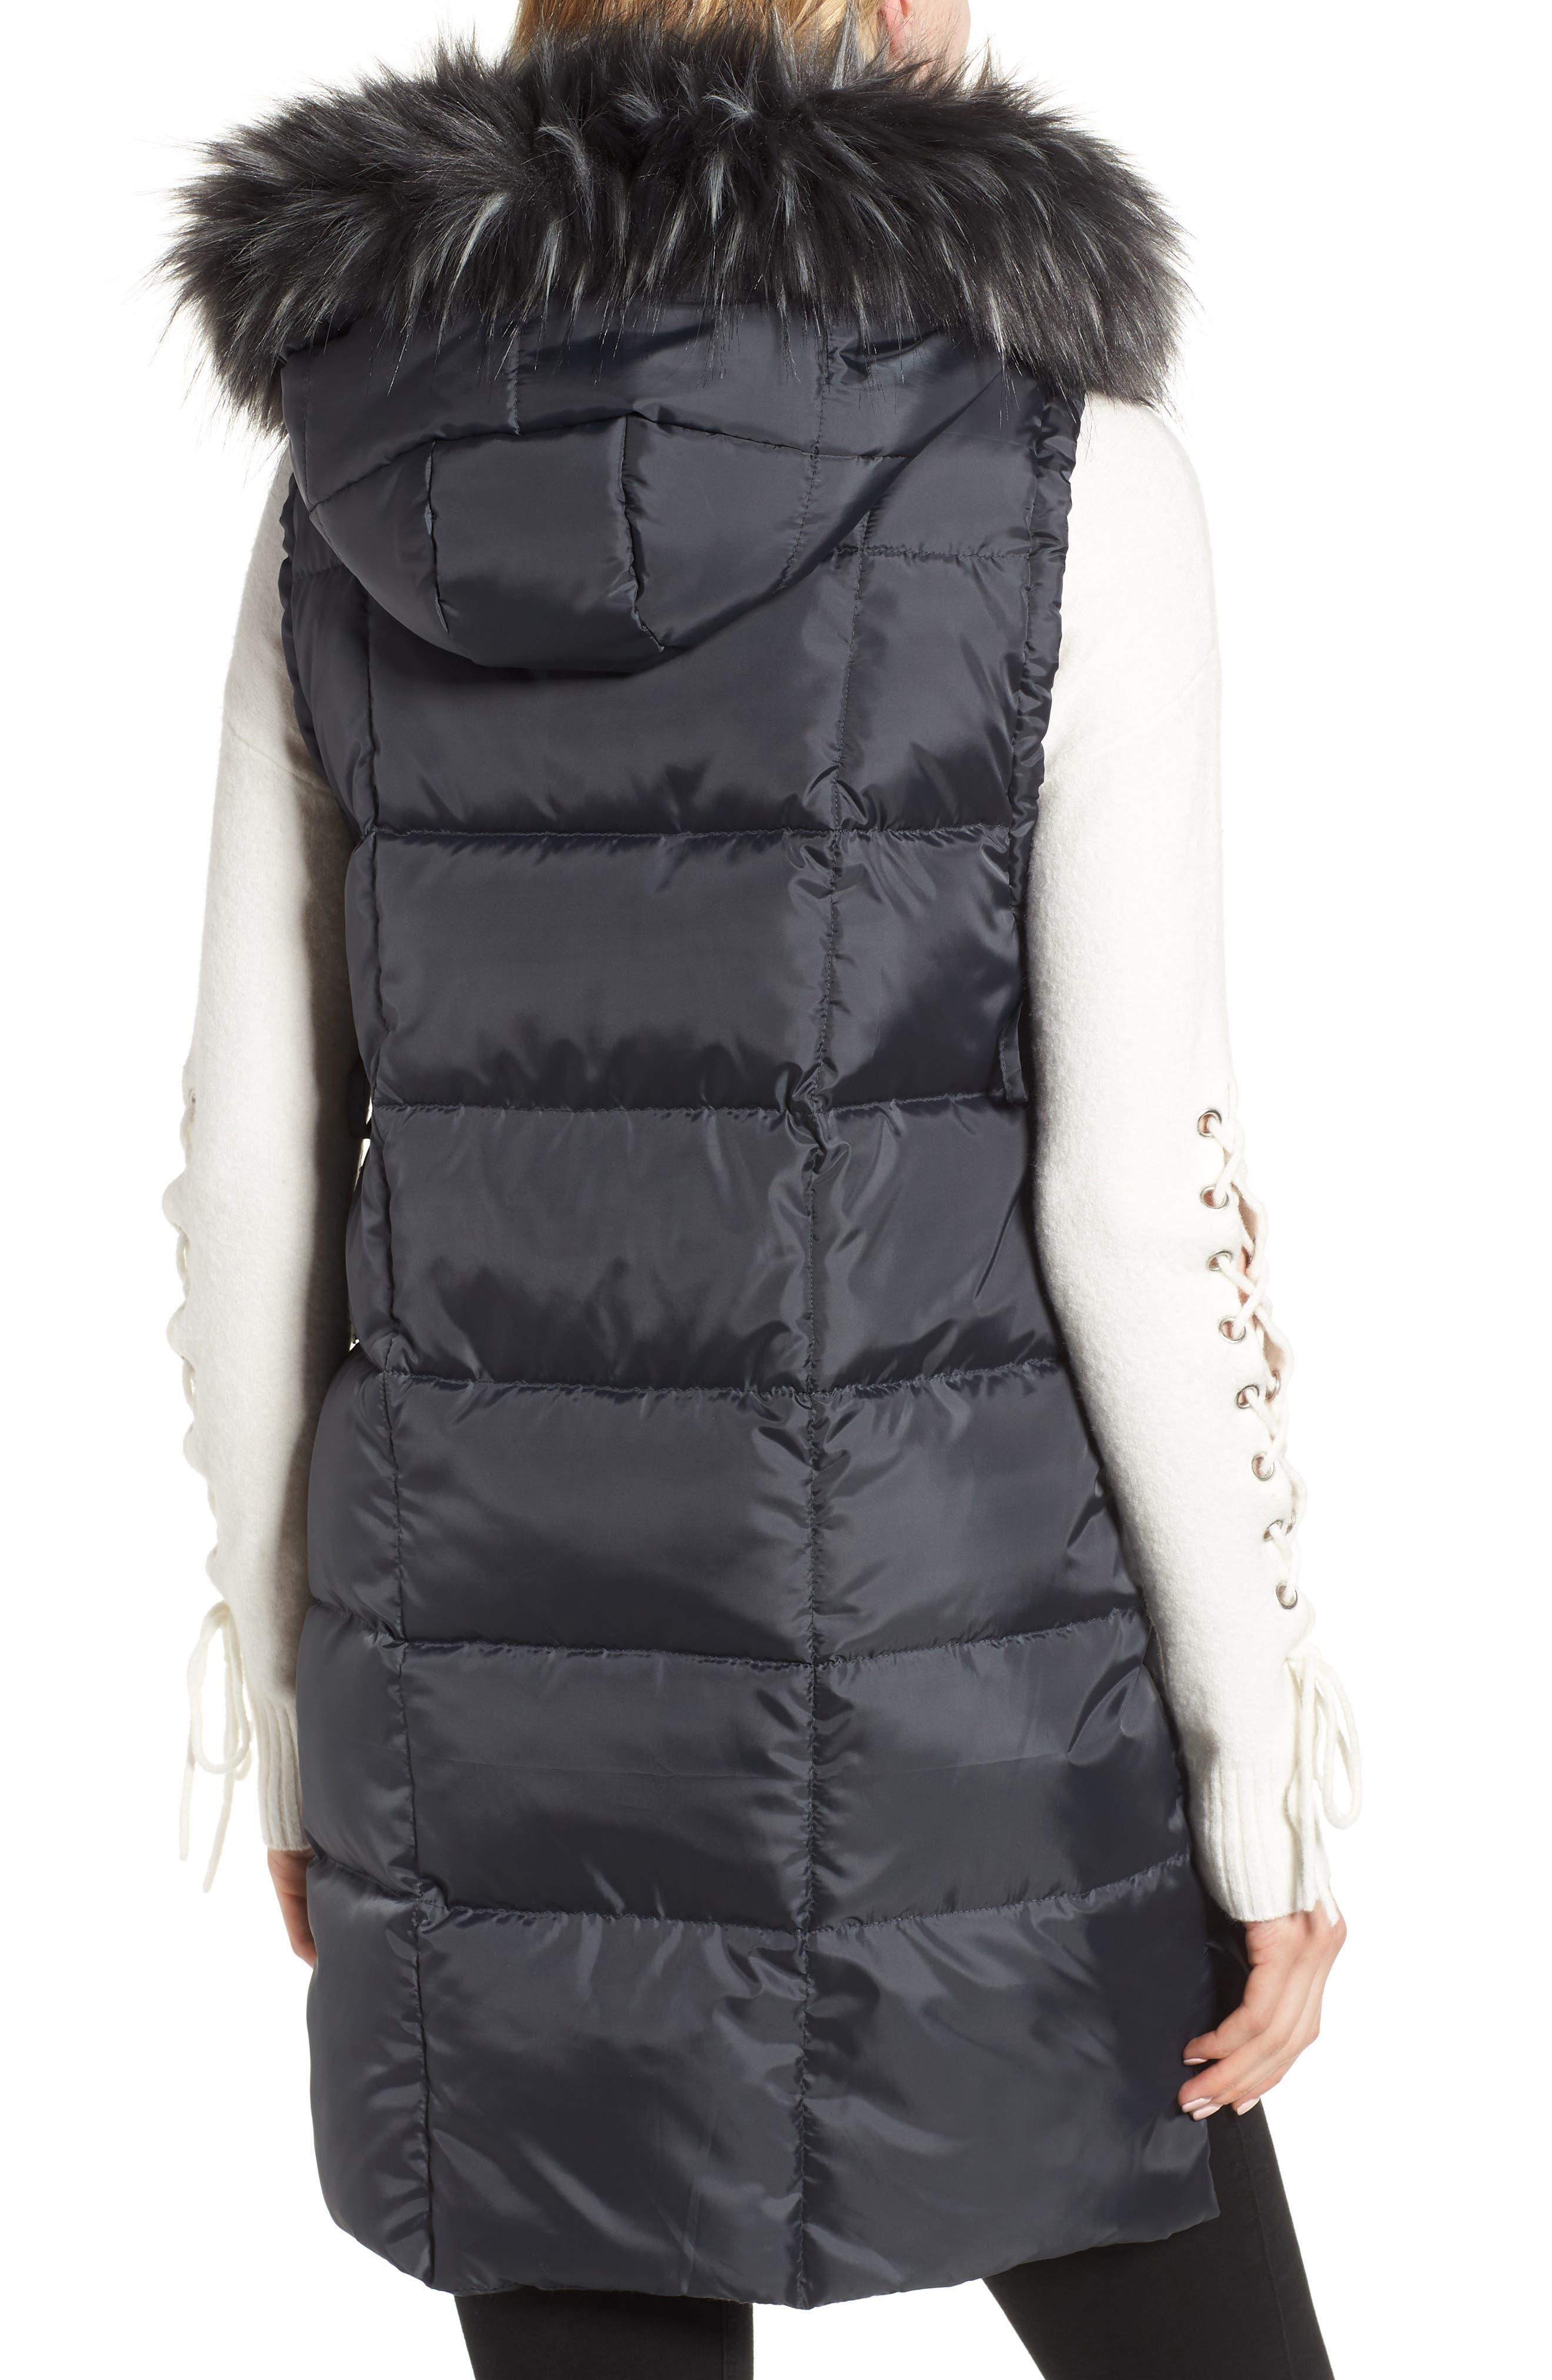 SAM EDELMAN, Faux Fur Trim Hooded Side-Tie Vest, Alternate thumbnail 2, color, 036